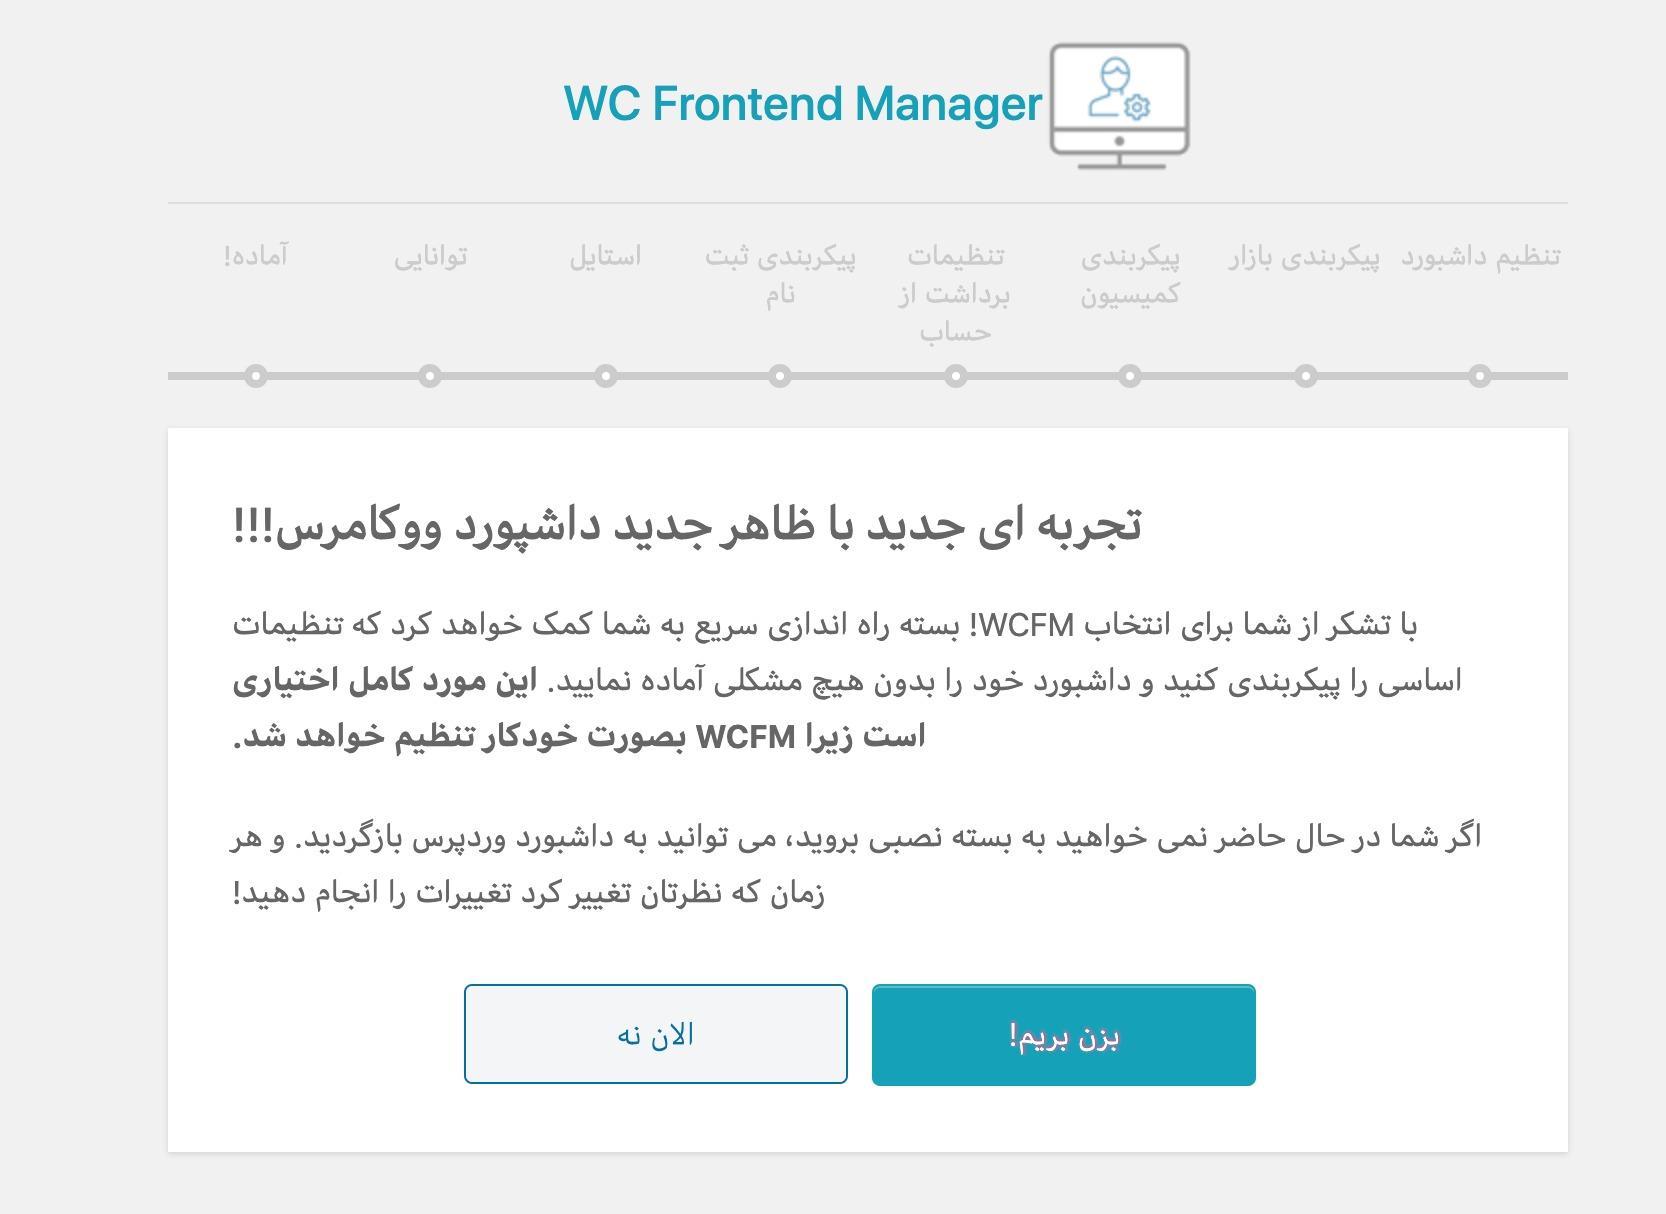 افزونه پیشخوان حرفهای فروش برای ووکامرس | WC Frontend Manager 3